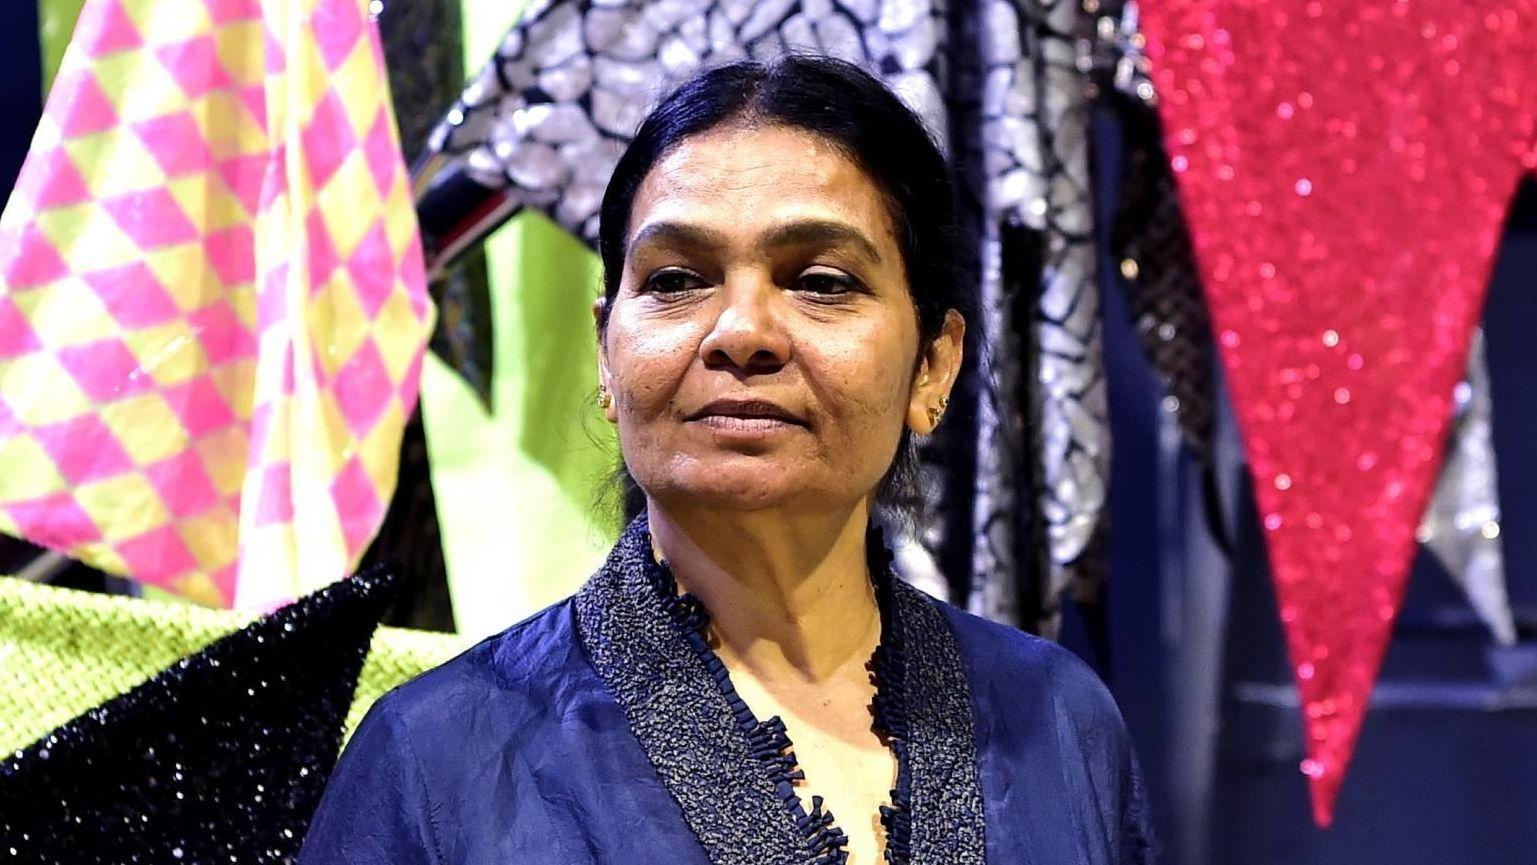 Die indische Künstlerin Sheela Gowda steht im Pirelli Hangar Bicocca vor einer Reihe bunter Fahnen